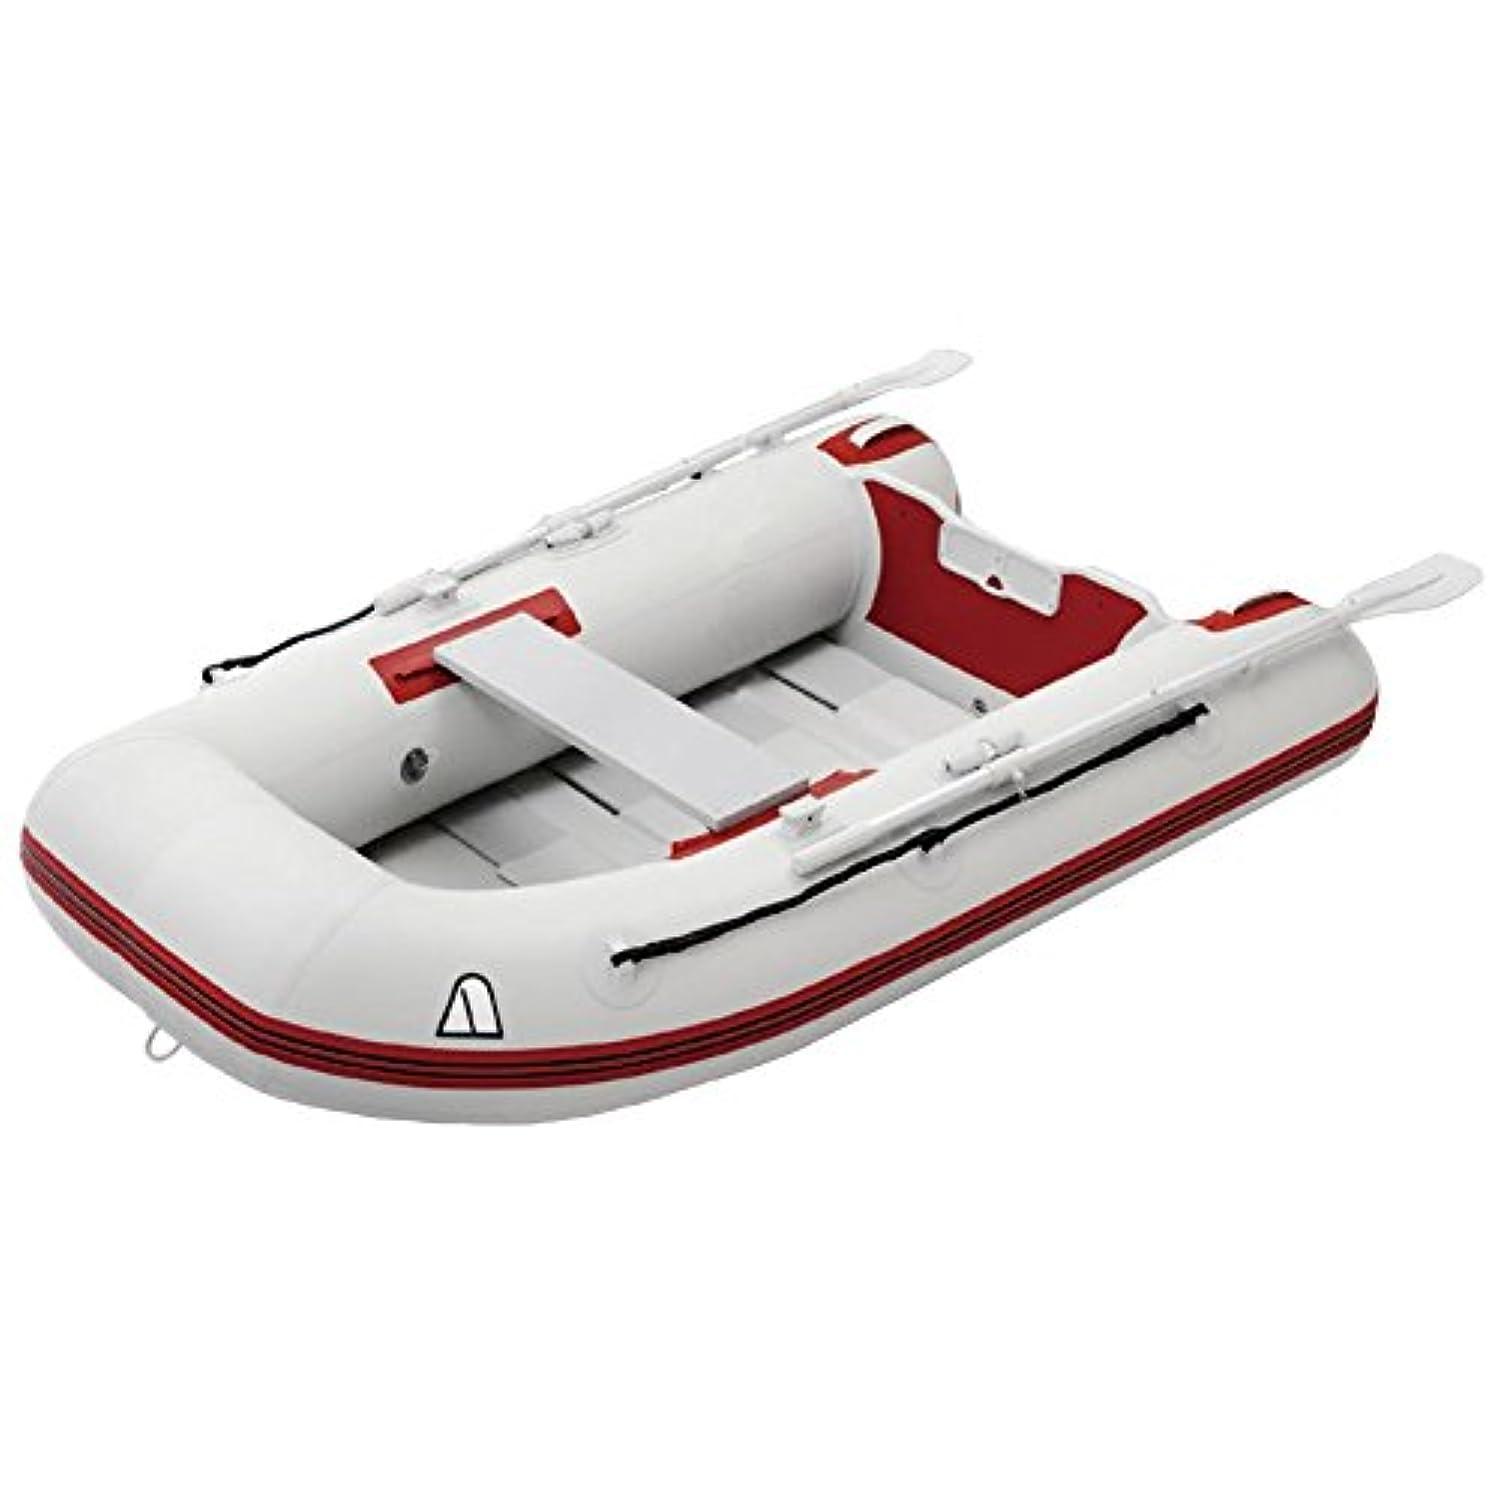 【Achilles/アキレス】RedSniper ロールアップフロアモデル PVL-220RU パワーボート インフレータブルボート ゴムボート